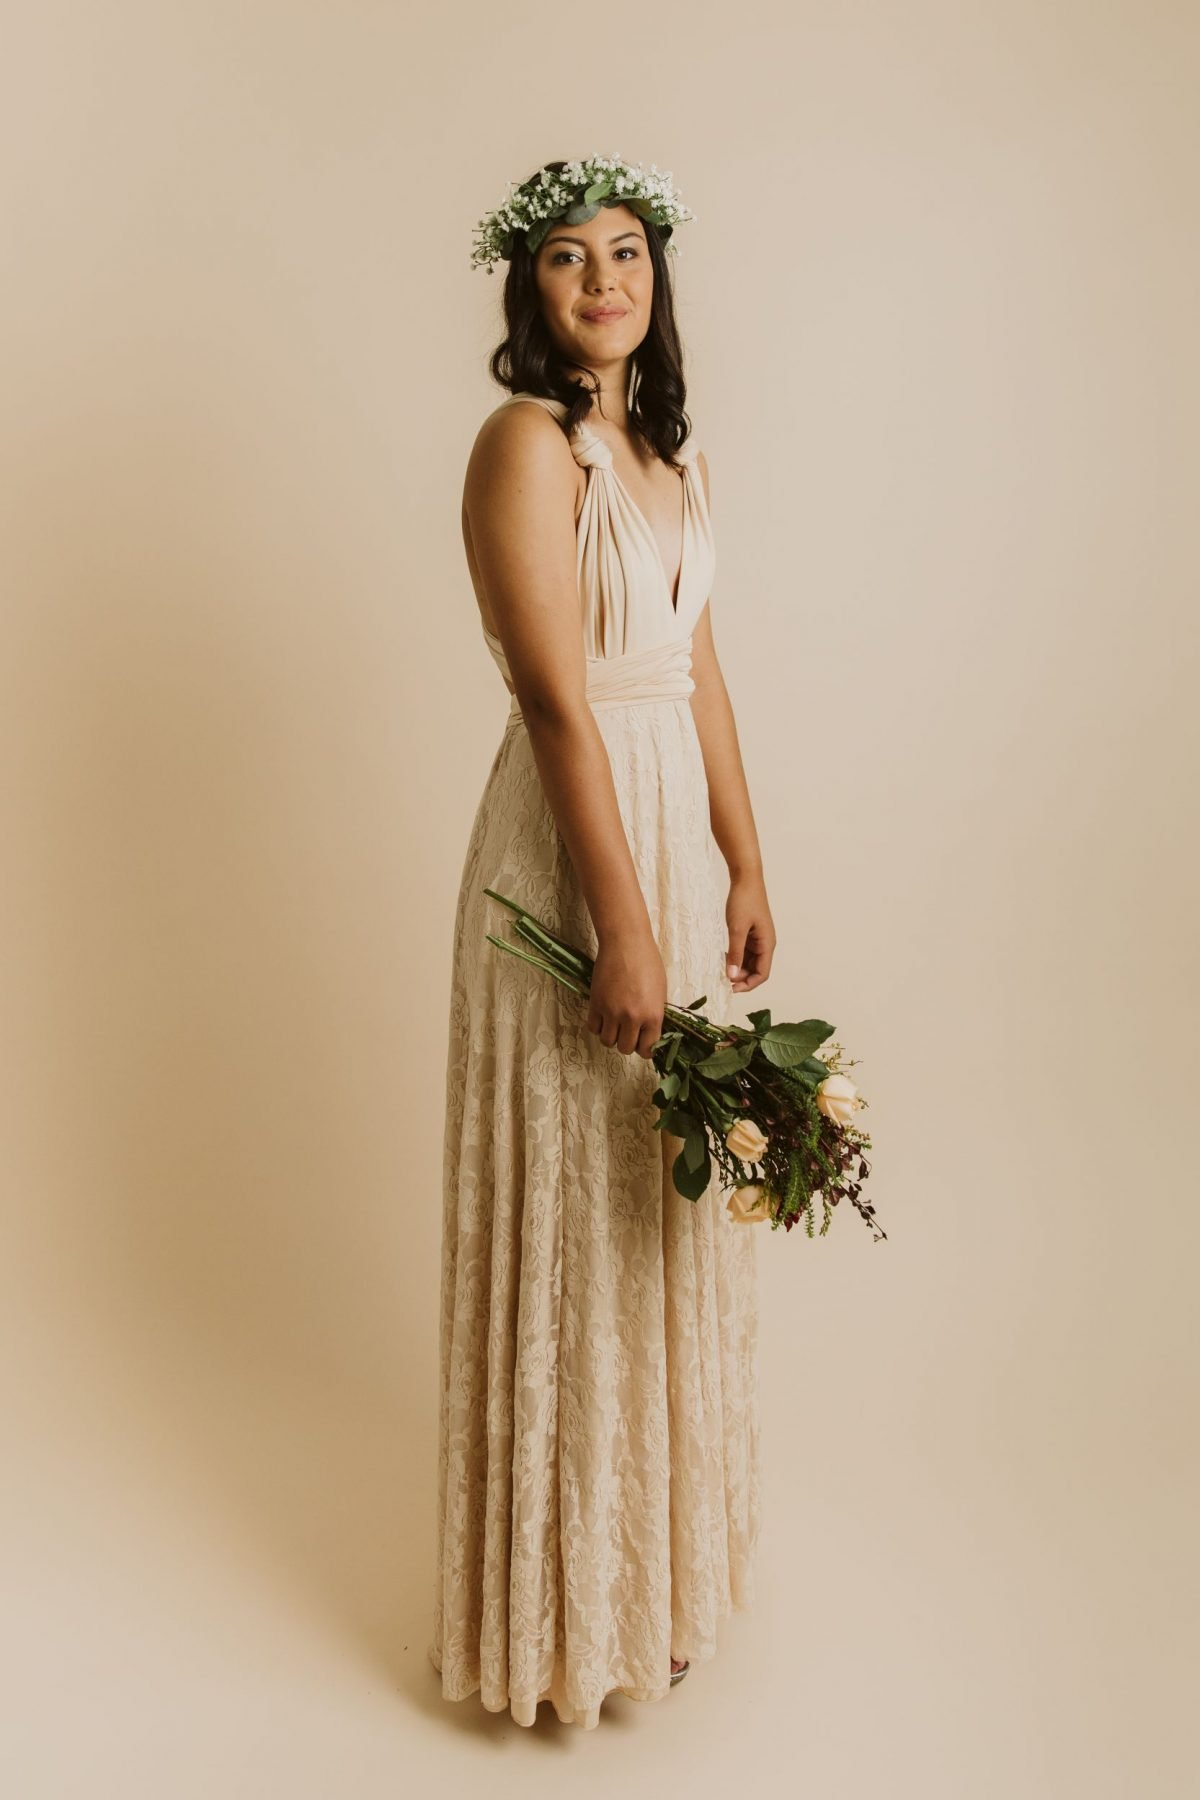 Lace Bridesmaids Dresses NZ